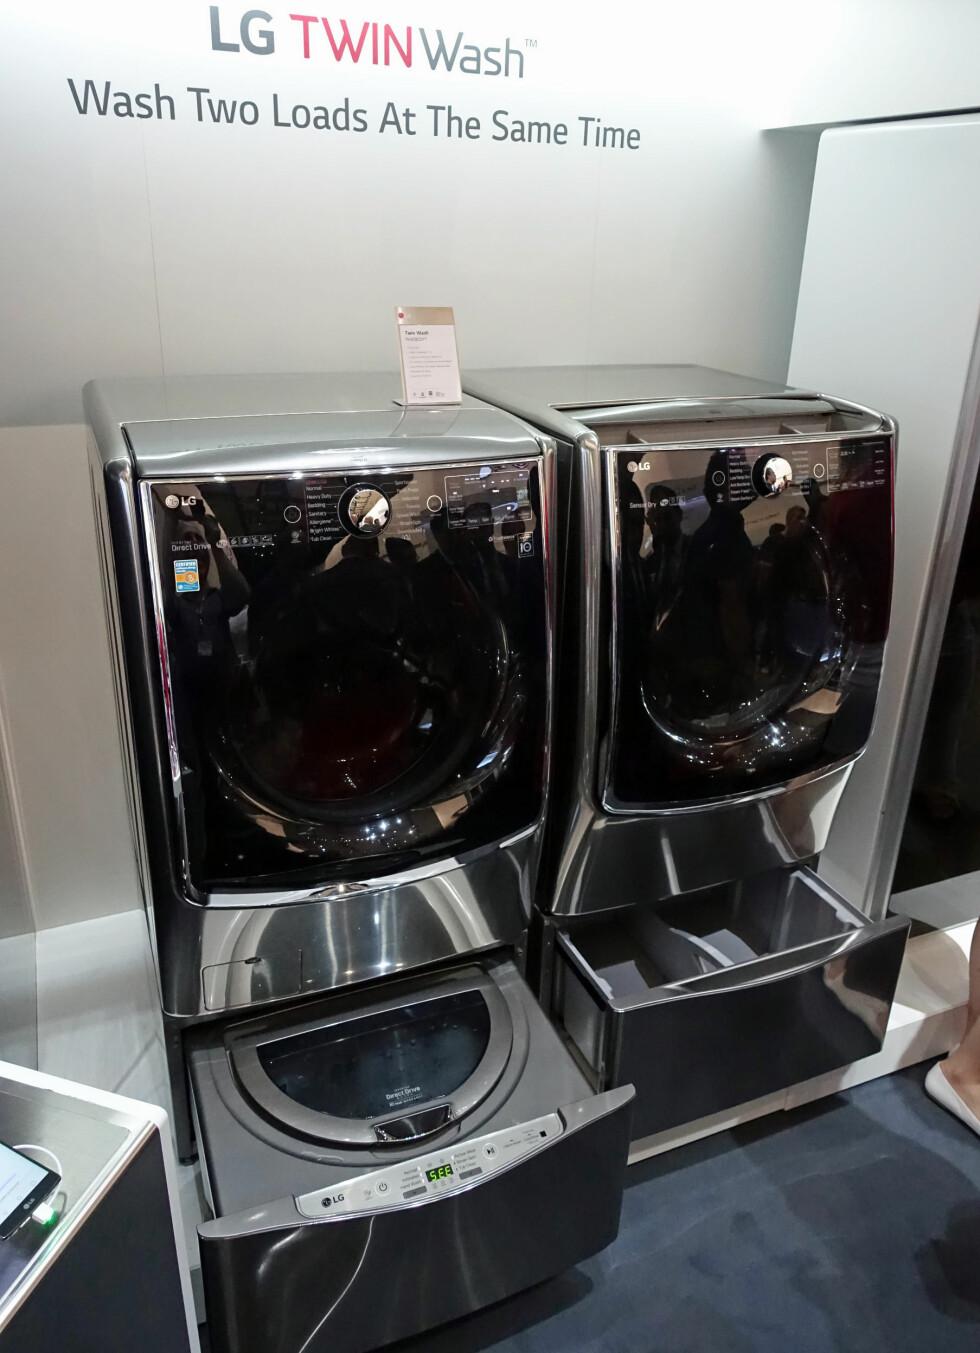 DAGENS DOBBEL? Vaskemaskinen til venstre, og den matchende tørketrommelen til høyre. Foto: ØYVIND PAULSEN